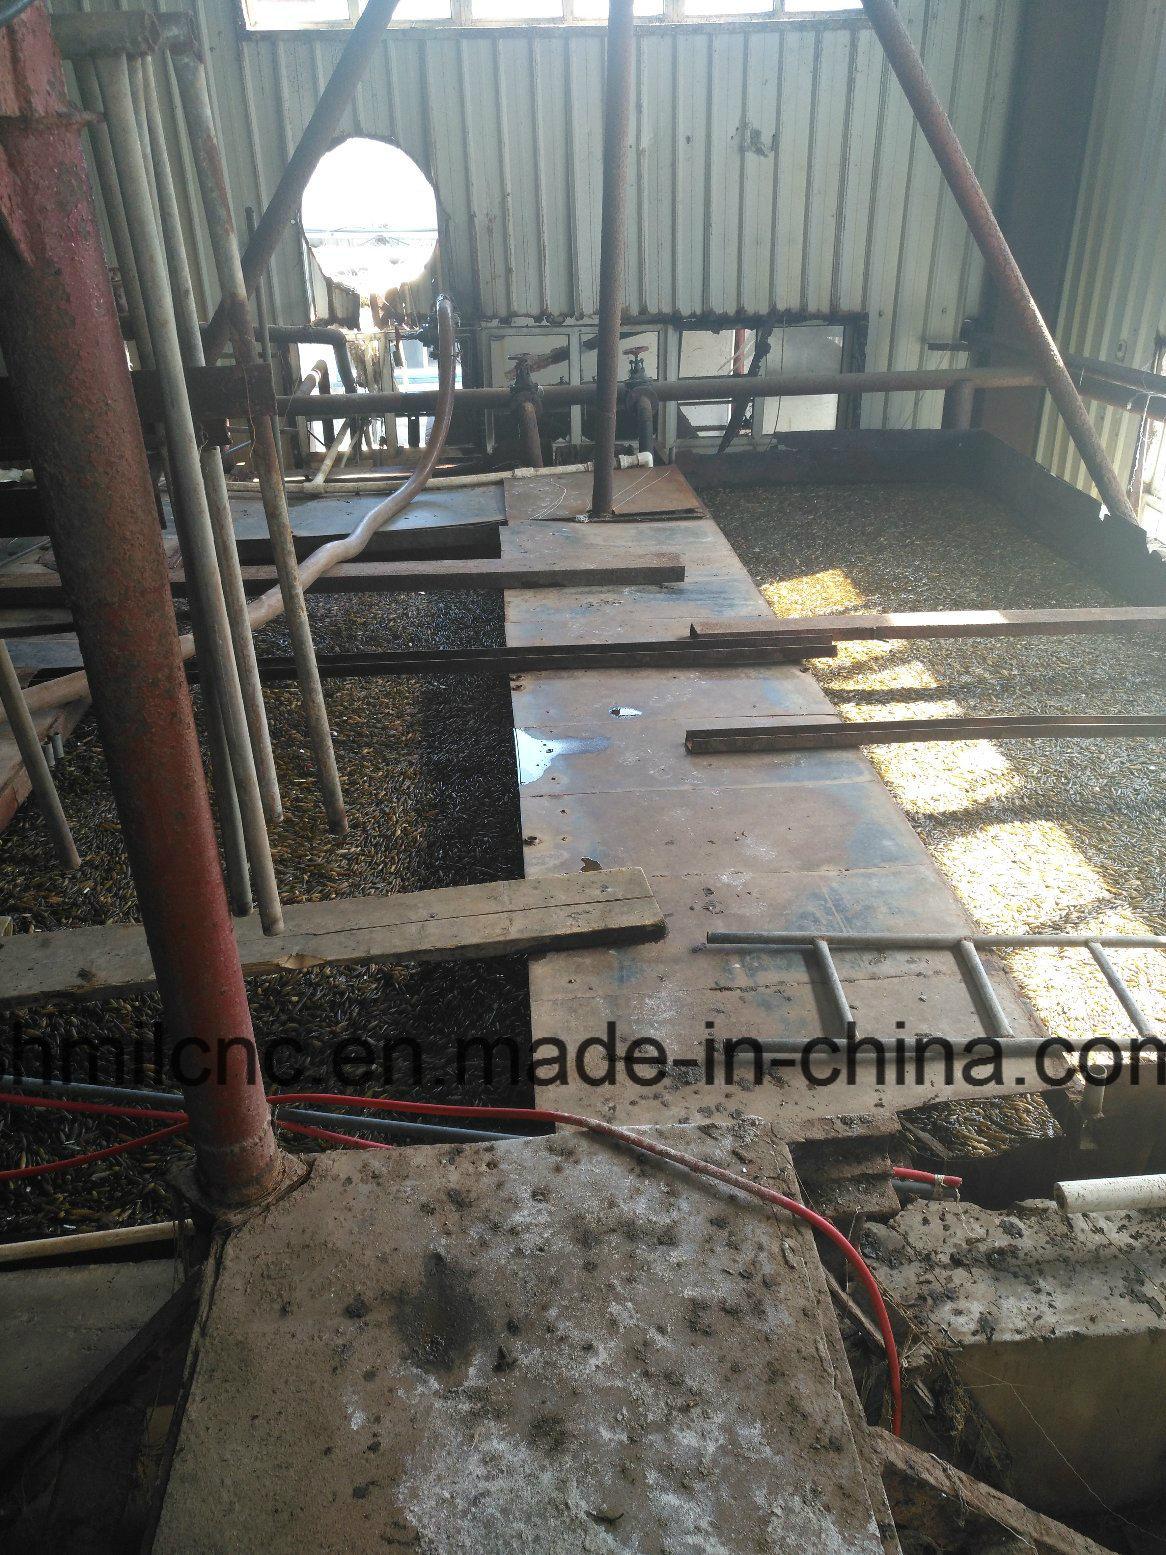 Printing Sodium Alginate, Textile Grade Alginate, Printing Thickener, Sodium Alginate